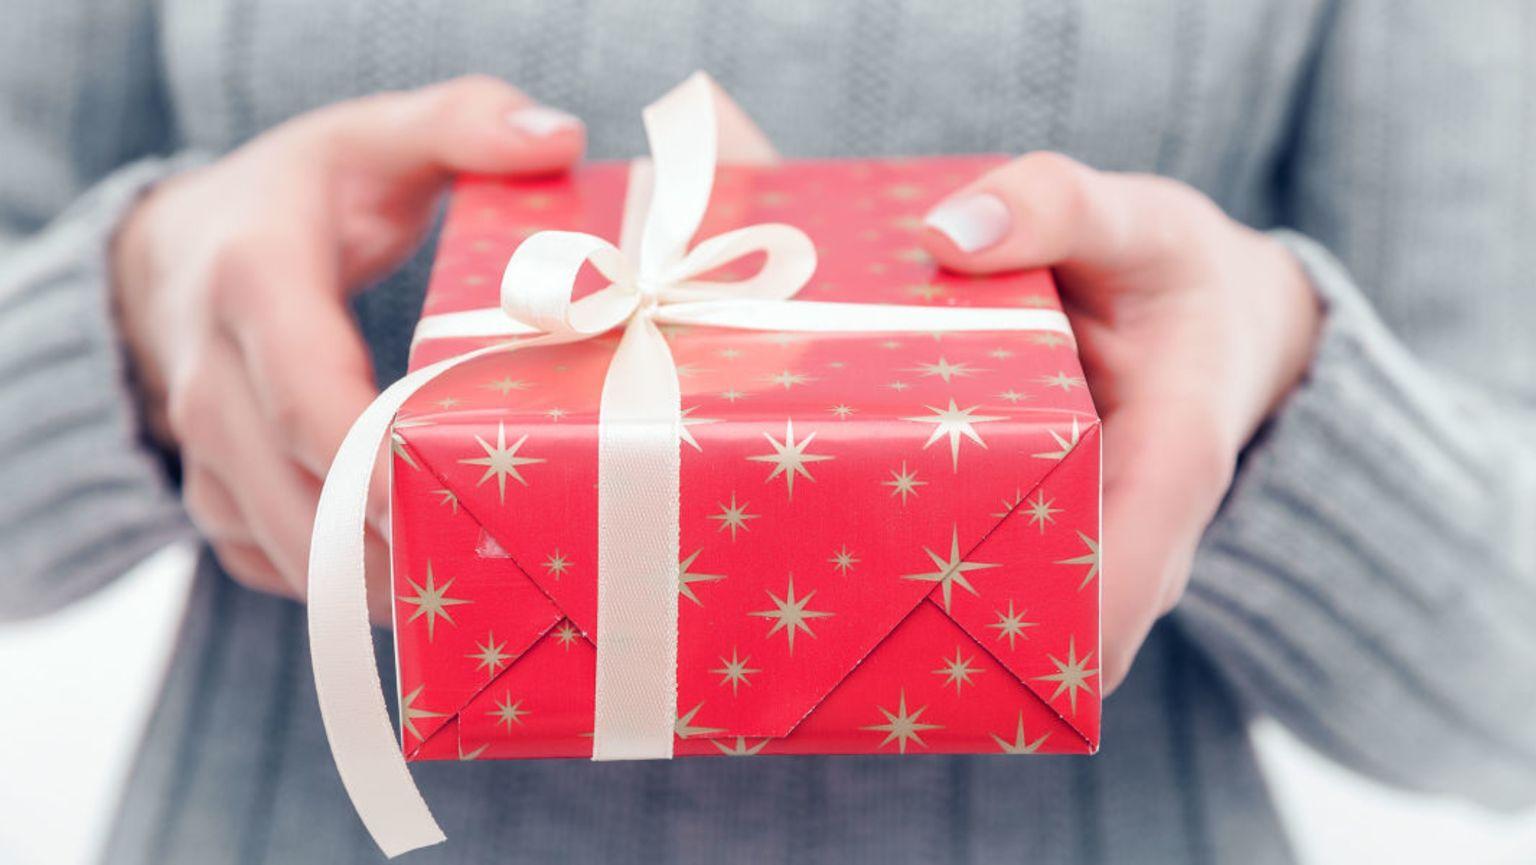 Kvinna med ljusgrå kofta som håller i ett paket, inslaget med rött papper med guldiga stjärnor och vitt presentsnöre.